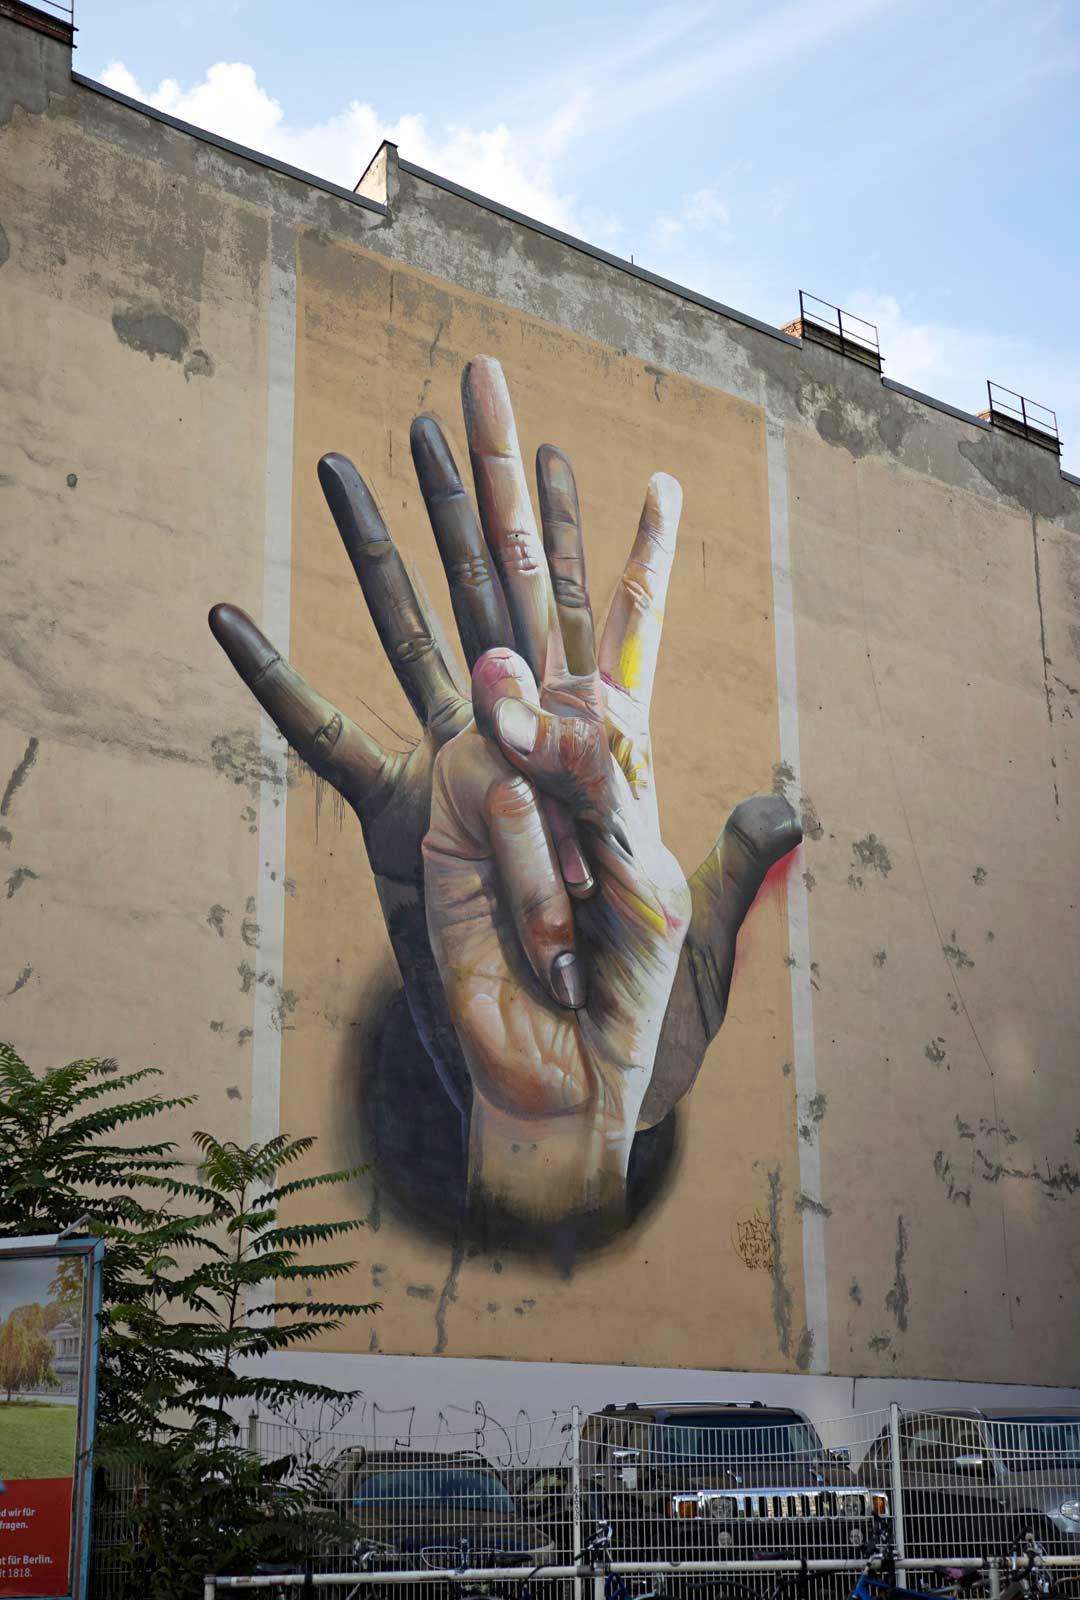 Muurista jäljelle jäänyttä pätkää Mühlenstrassella. East Side Galleryssä on kilometrin matkalla 118 graffitia.